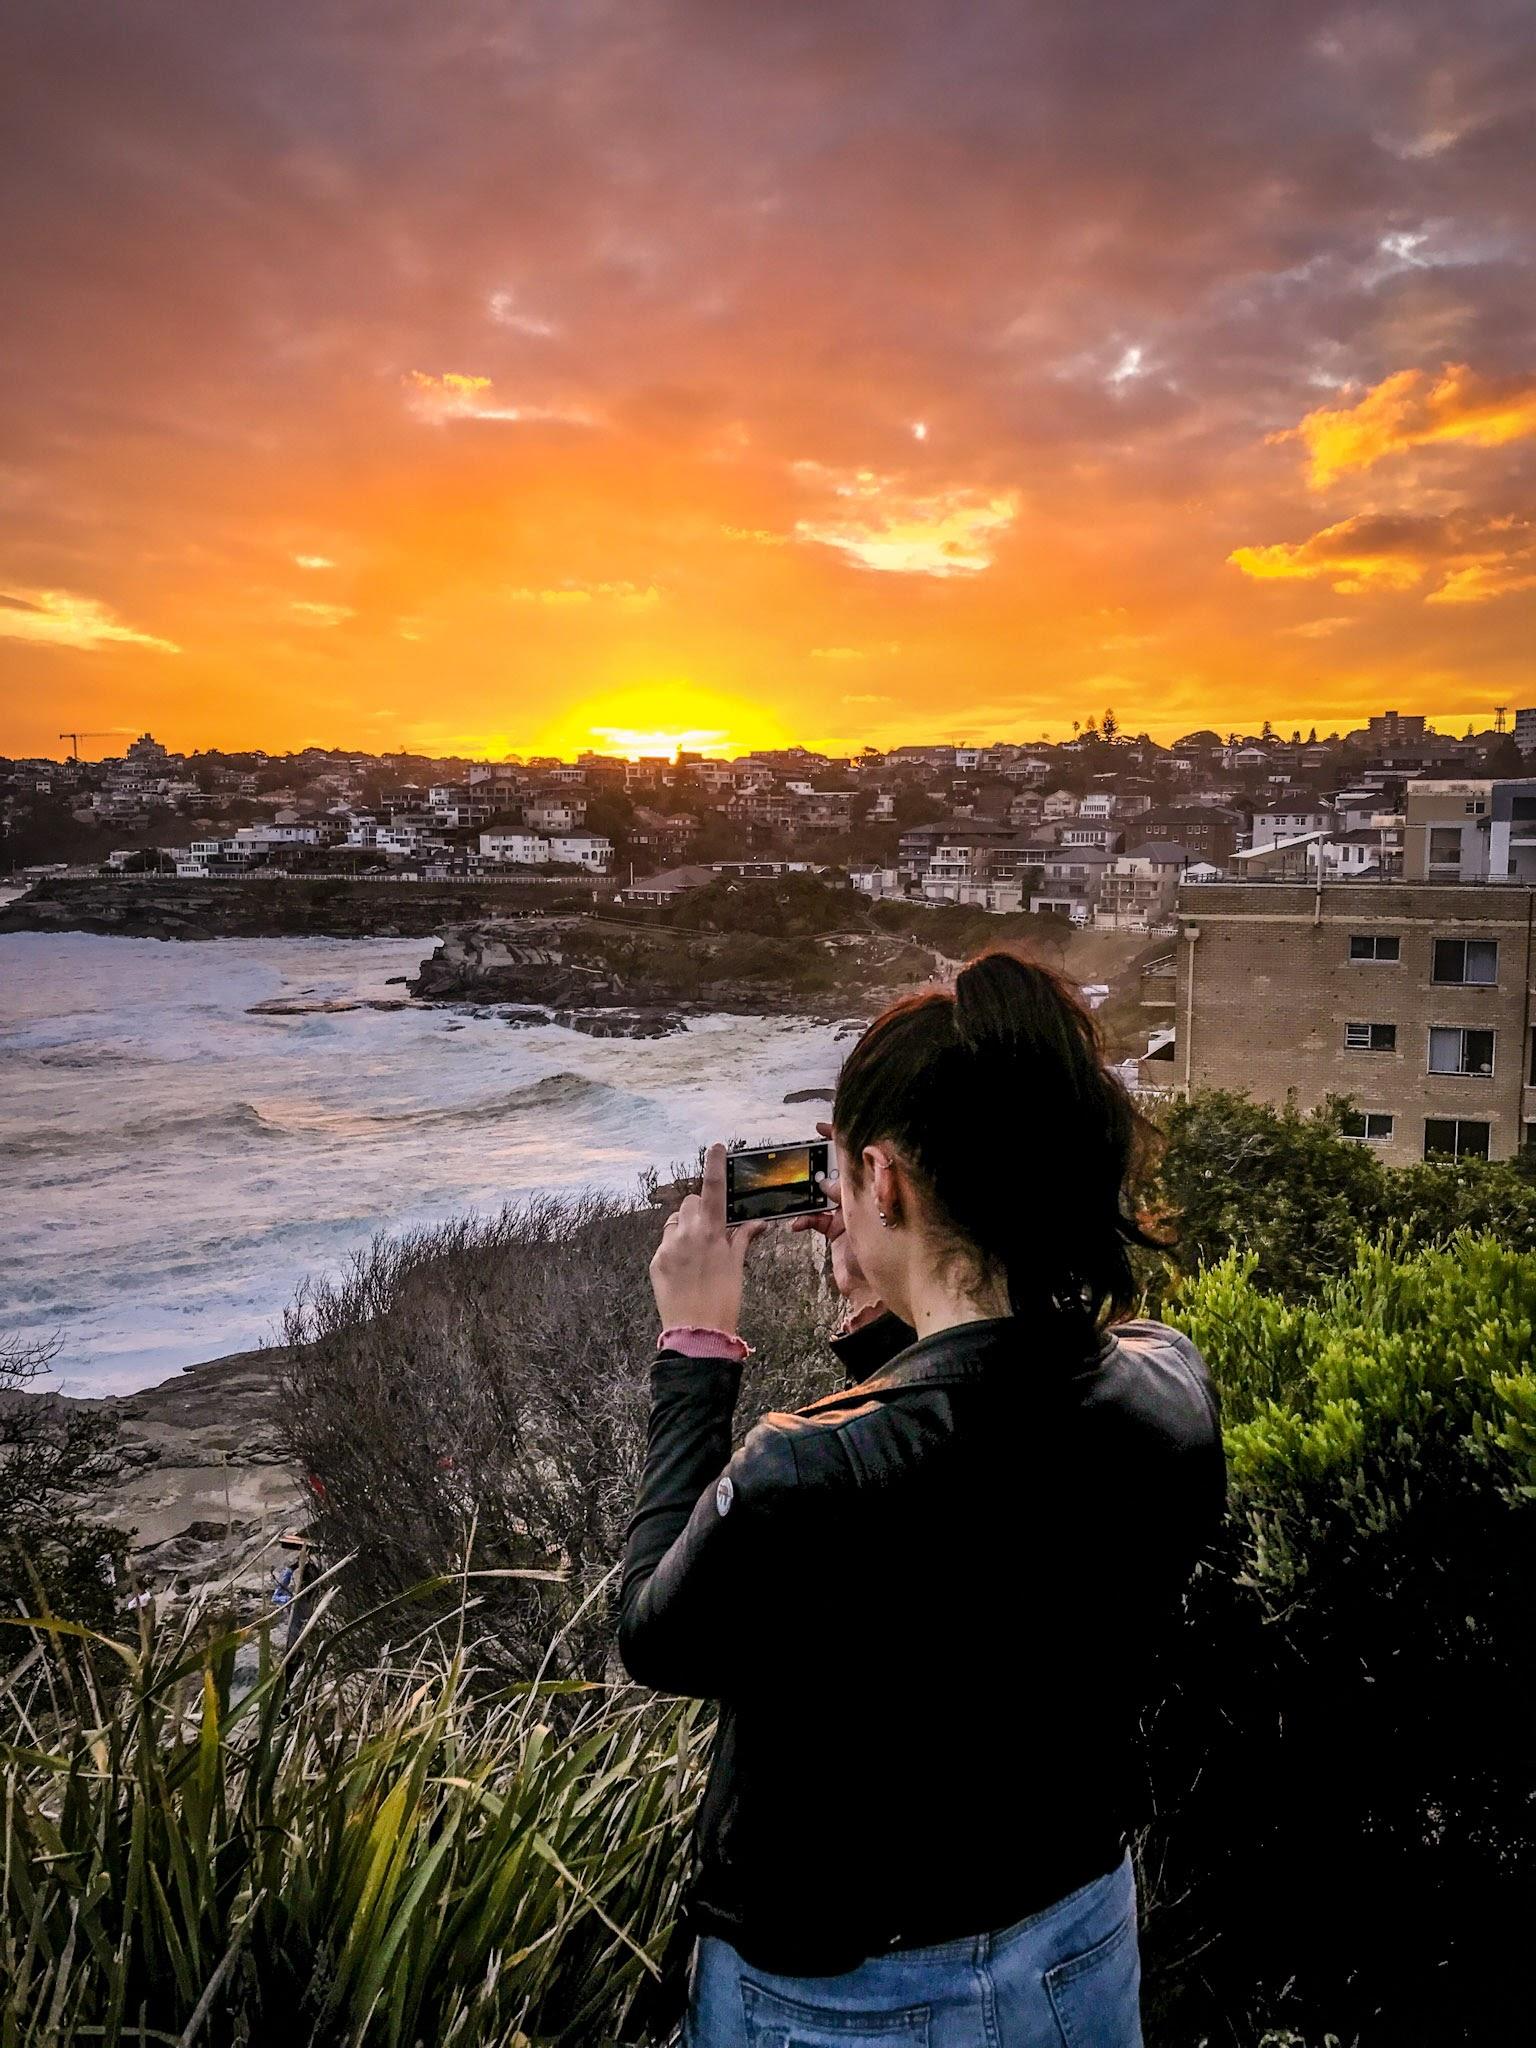 Catching the sunset  Bondi to Coogee Coastal walk  Hunter Park, Sydney